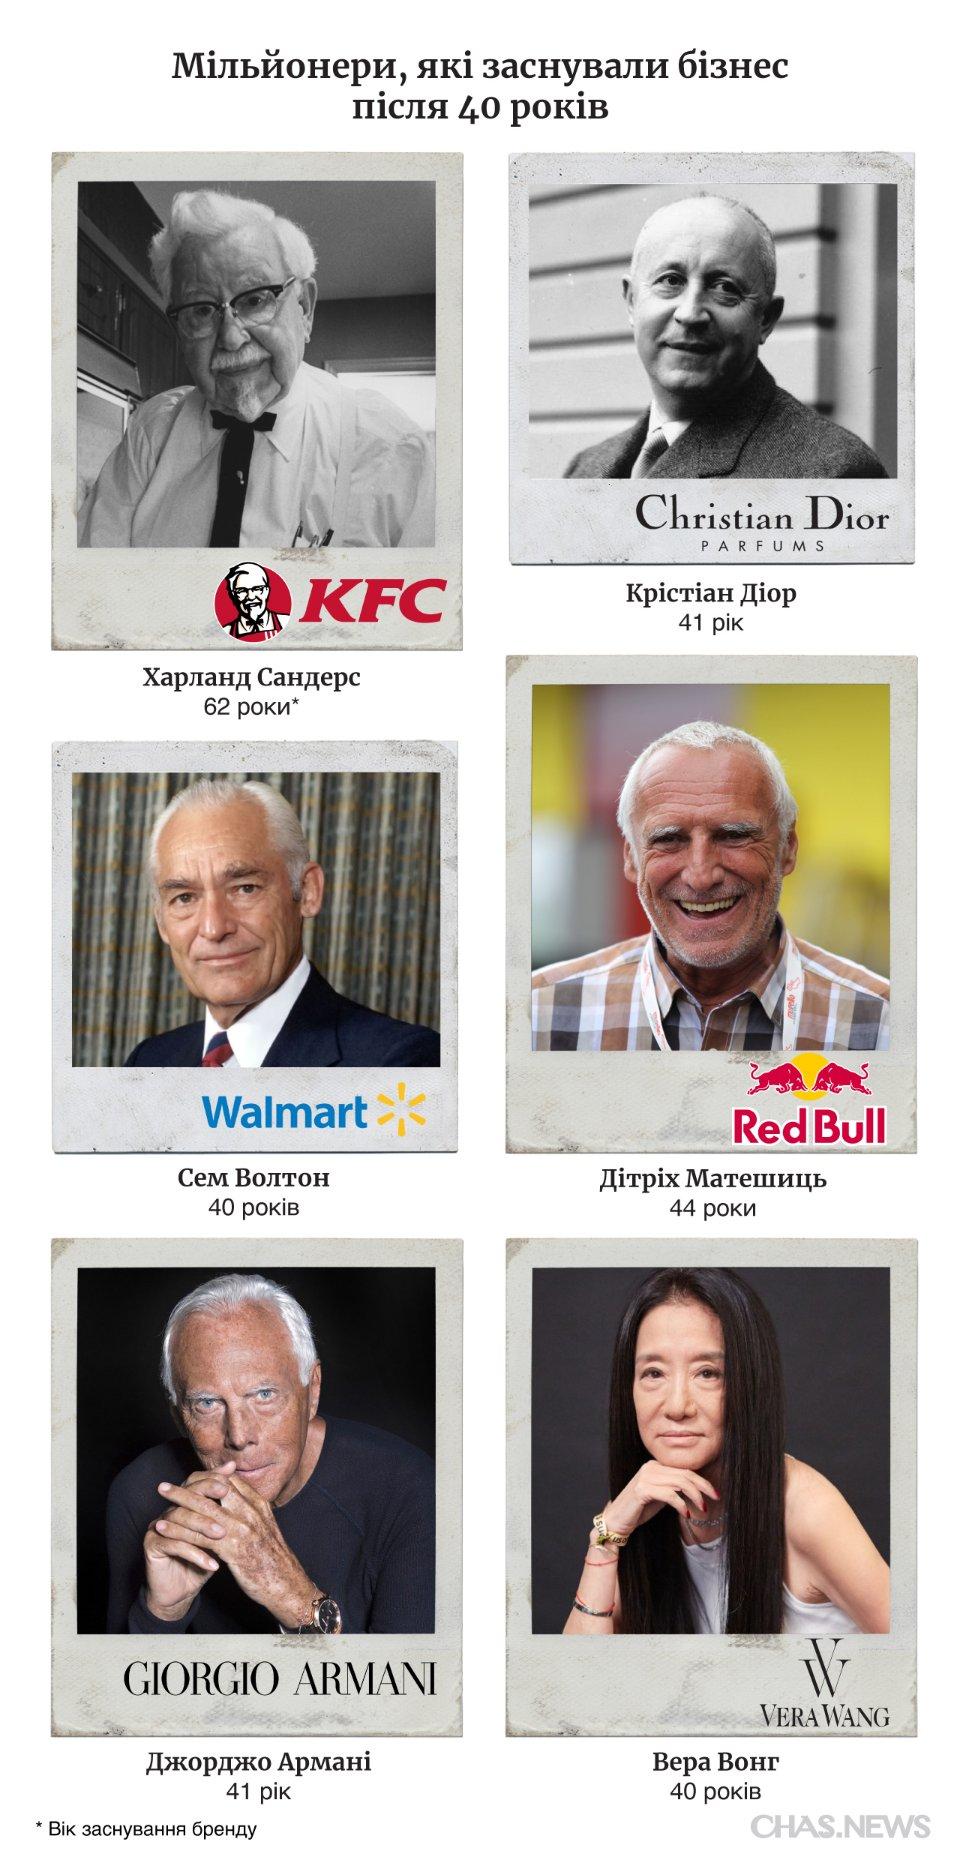 Хто заснував бізнес після 40